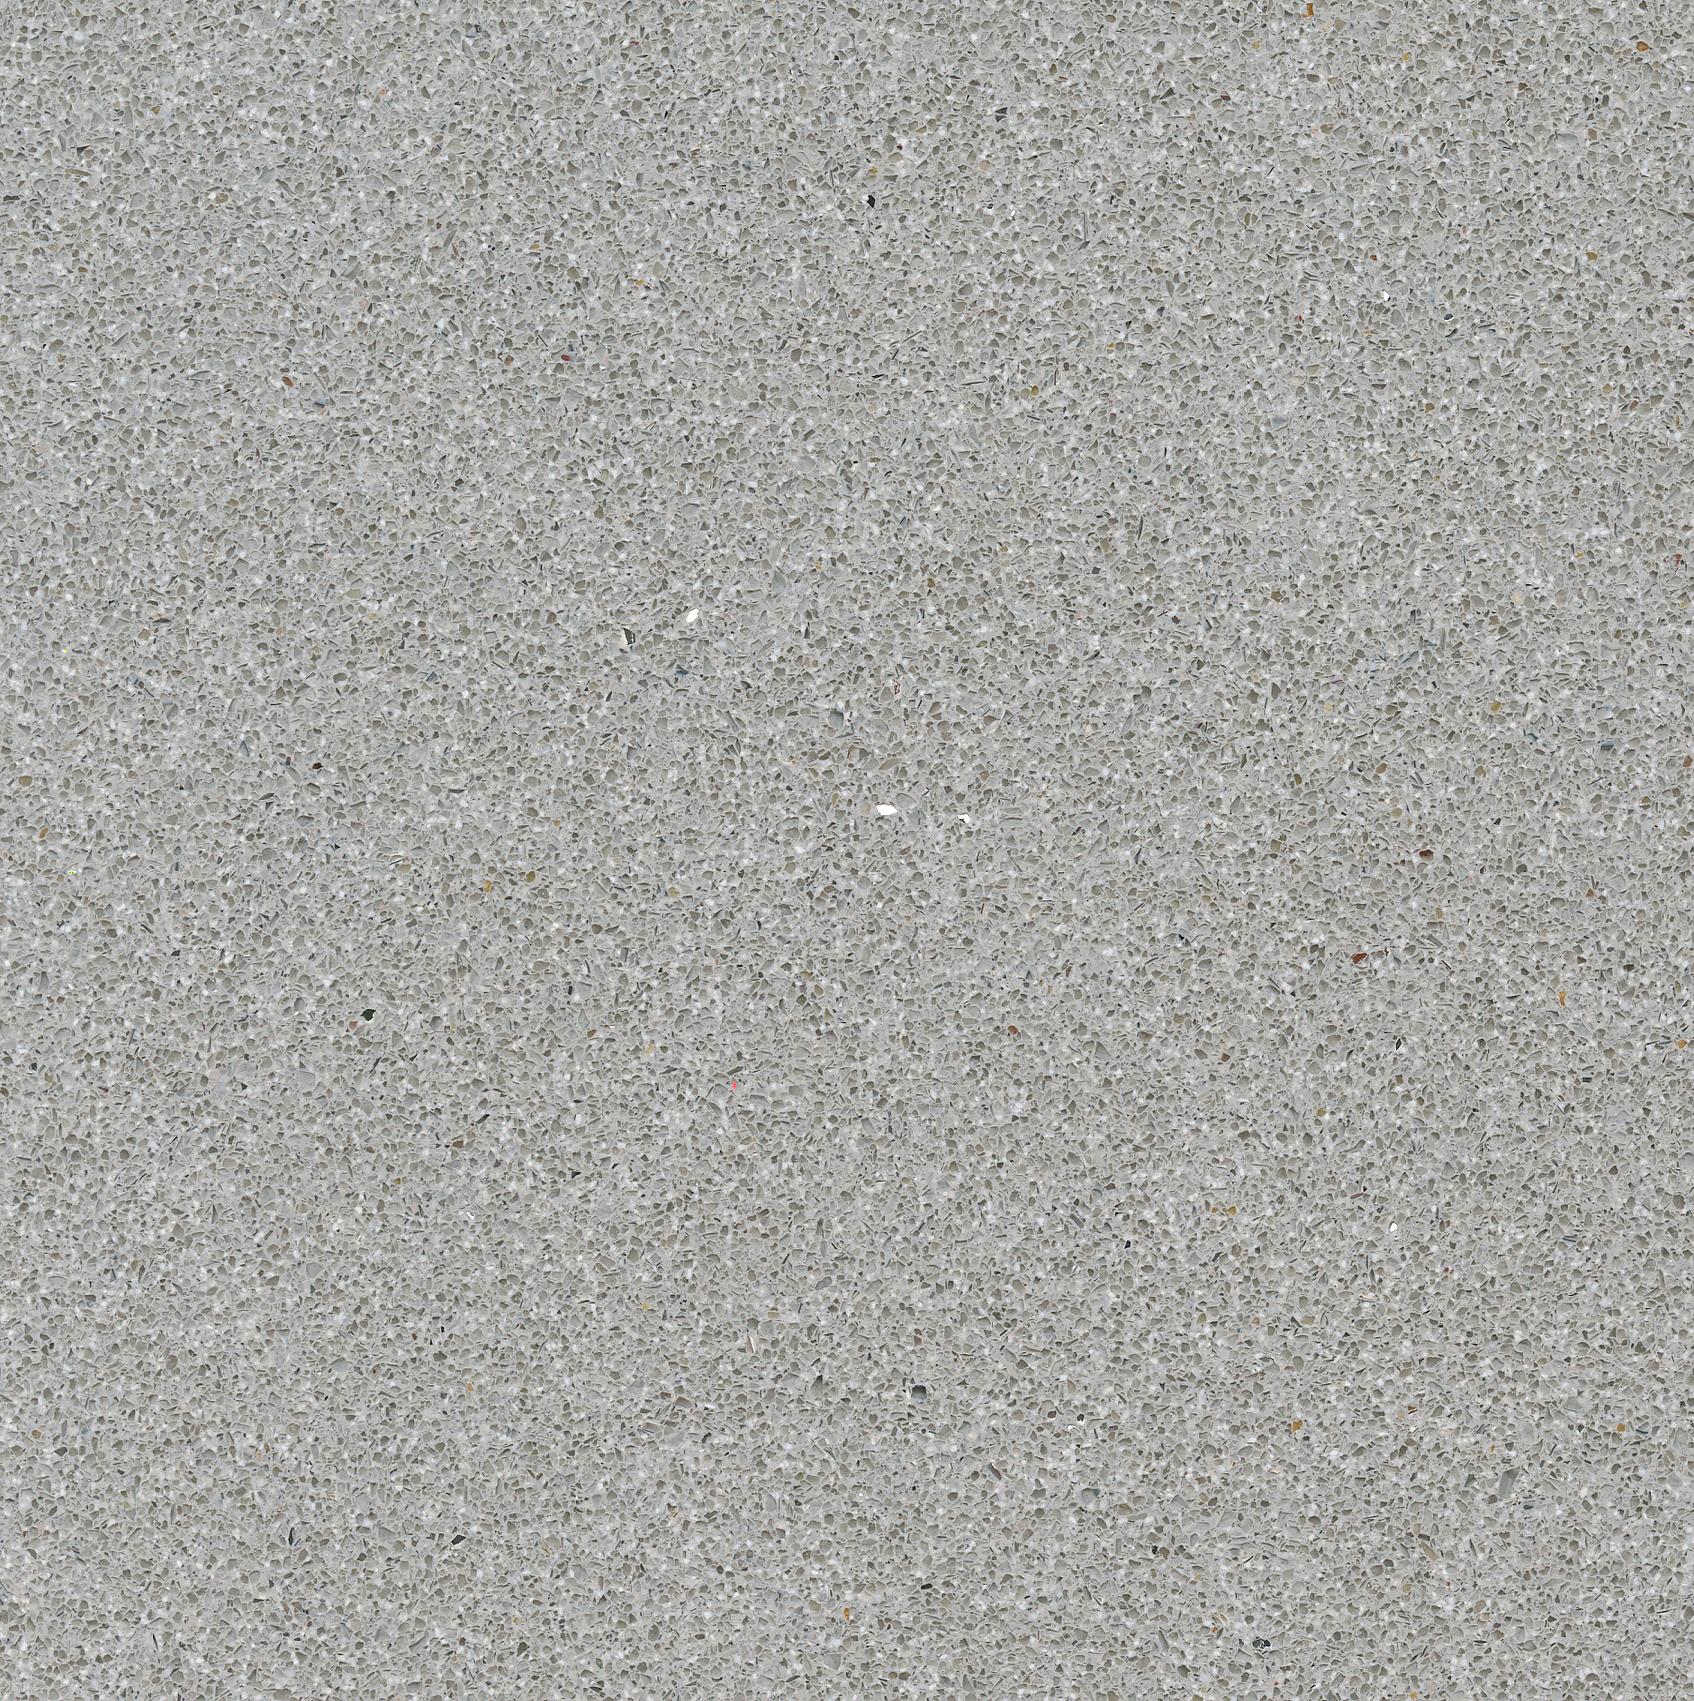 Silestone Quartz Gallery in addition Alunimionube in addition Silver Nube Silestone further Work Surfaces furthermore Silestone. on silver nube silestone